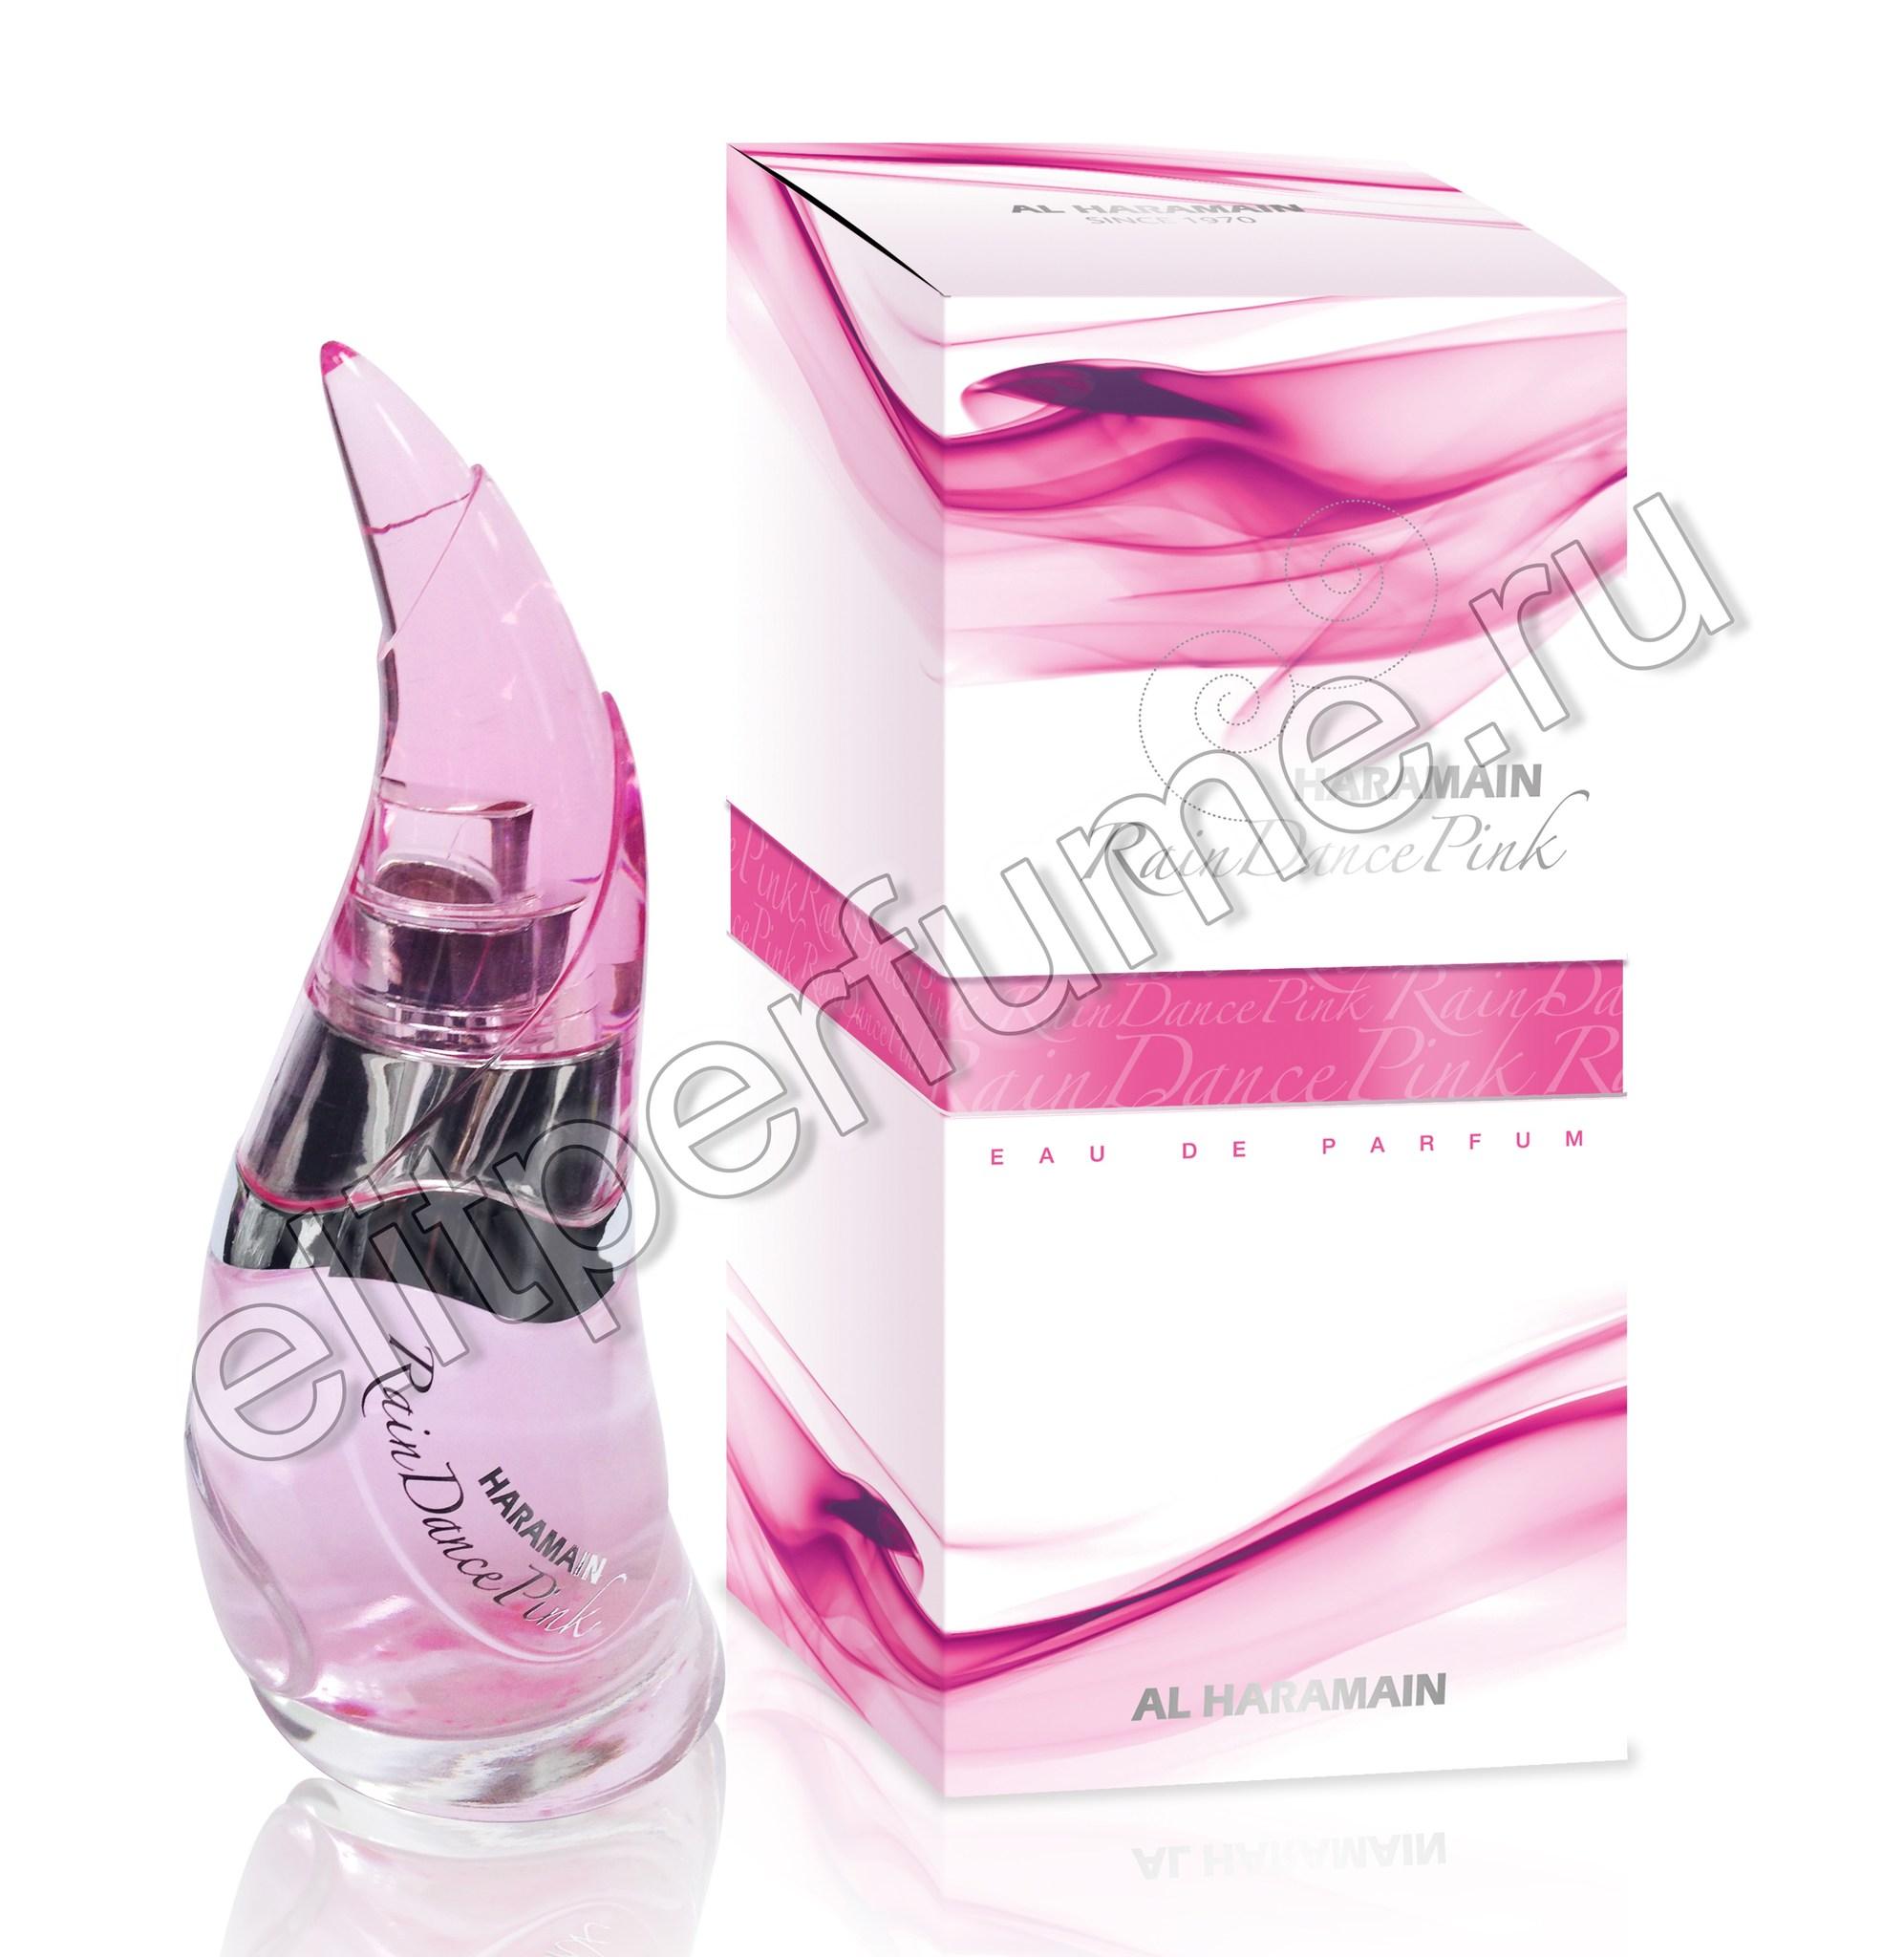 Haramain Rain Dance Pink / Харамайн Танец Дождя Розовый 100 мл спрей от Аль Харамайн Al Haramain Perfumes